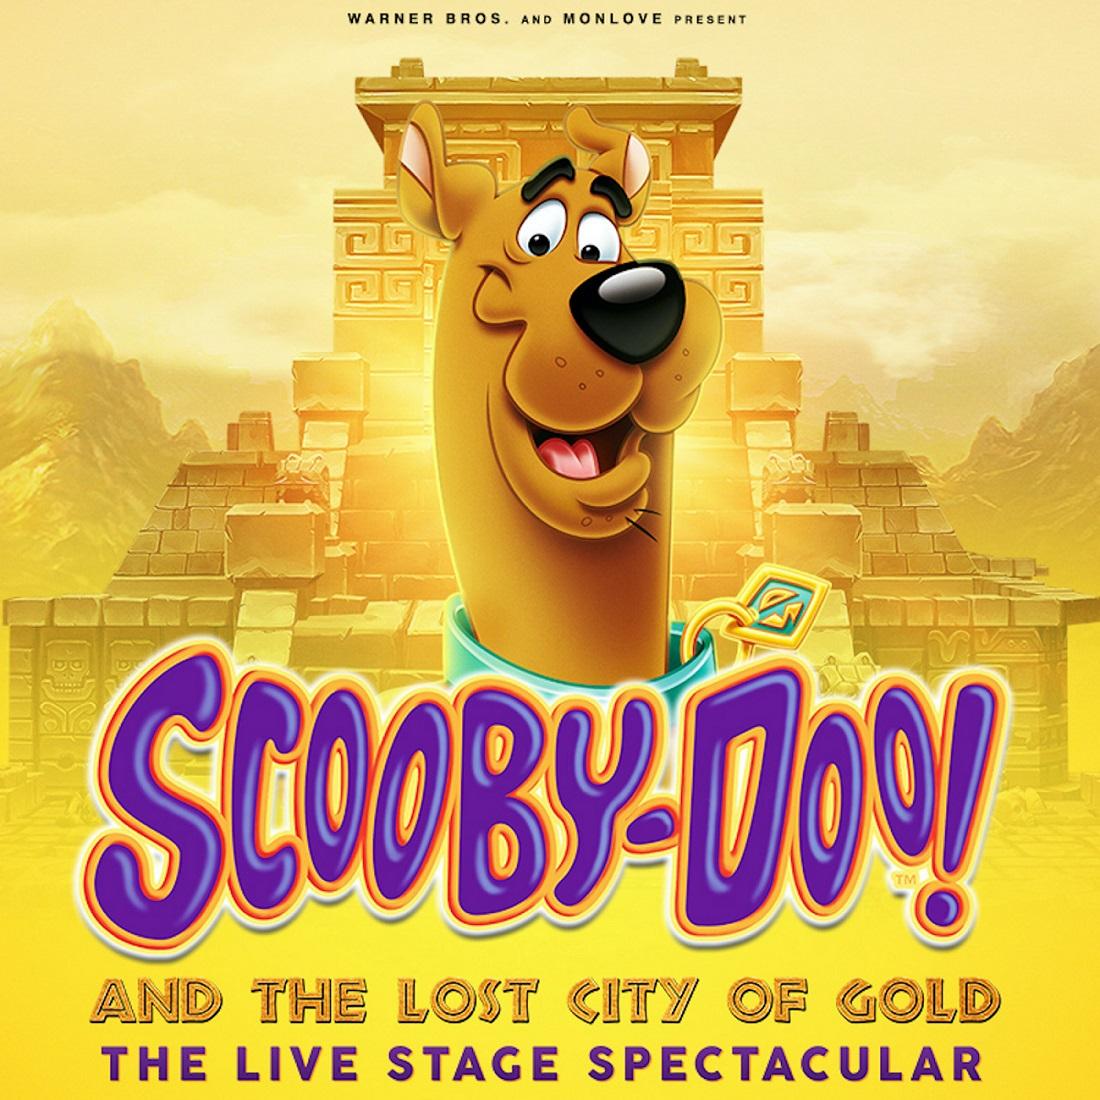 ScoobyDoo1600